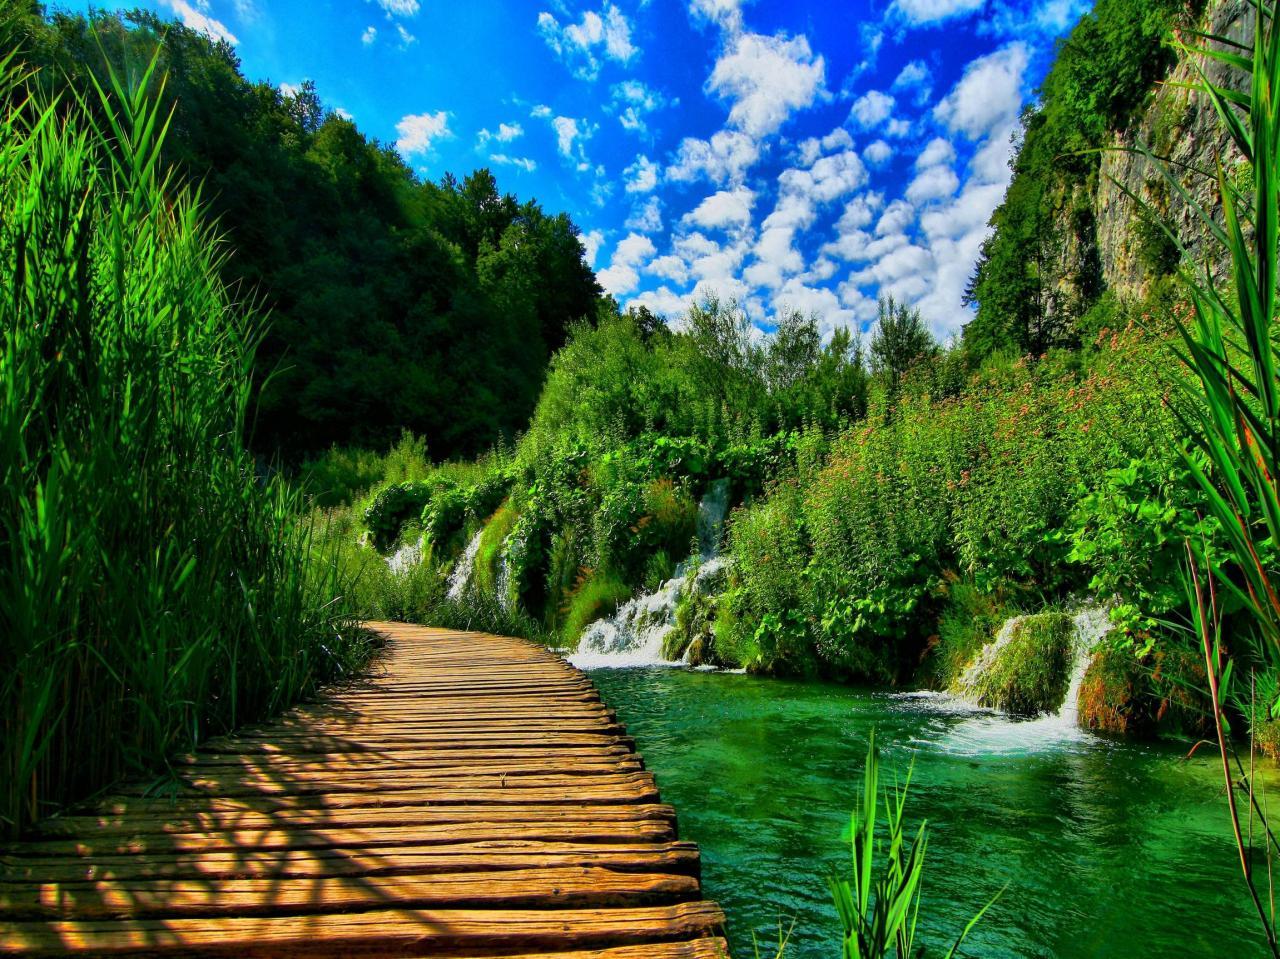 صورة خلفيات طبيعية ساحرة , الطبيعة وسحرها وجمالها للخلفيات وهم جدا